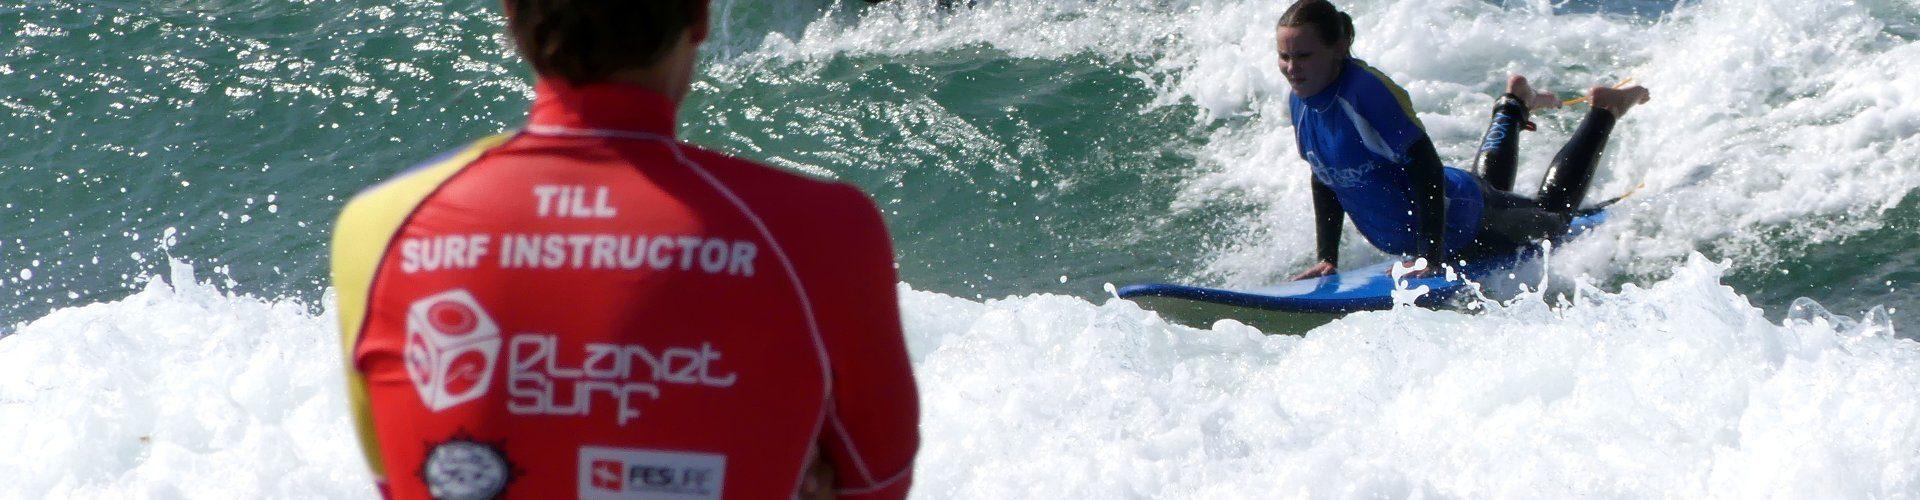 Surf Kurs Praxis in Spanien